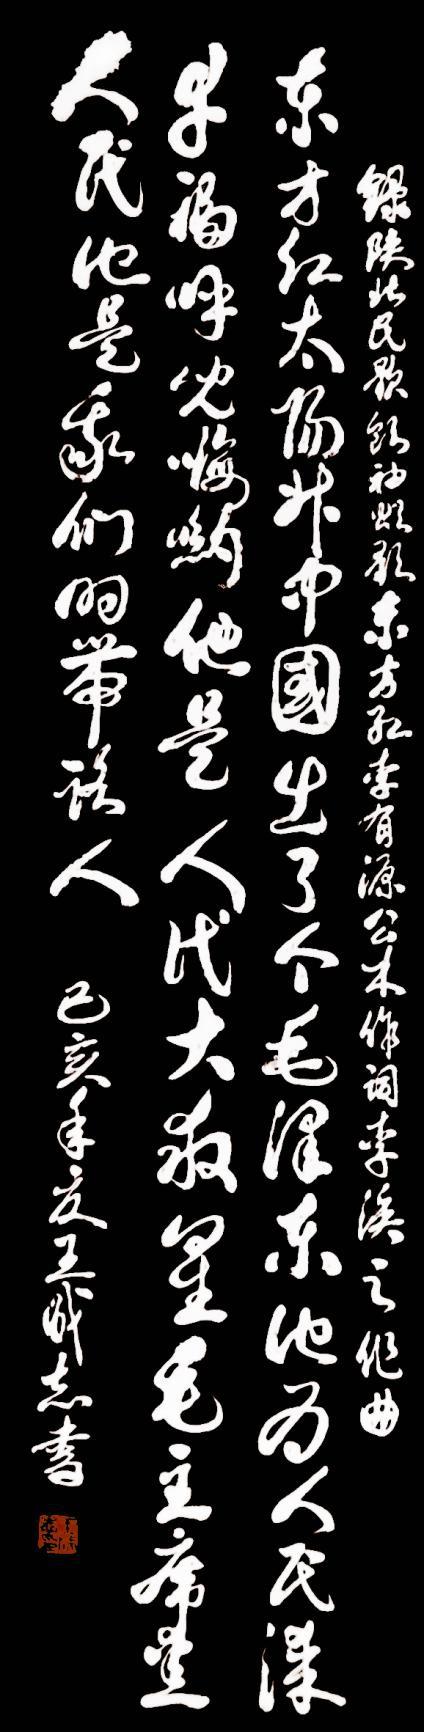 枕戈梦攥笔,挥洒留墨香 --王成志将军书法印象